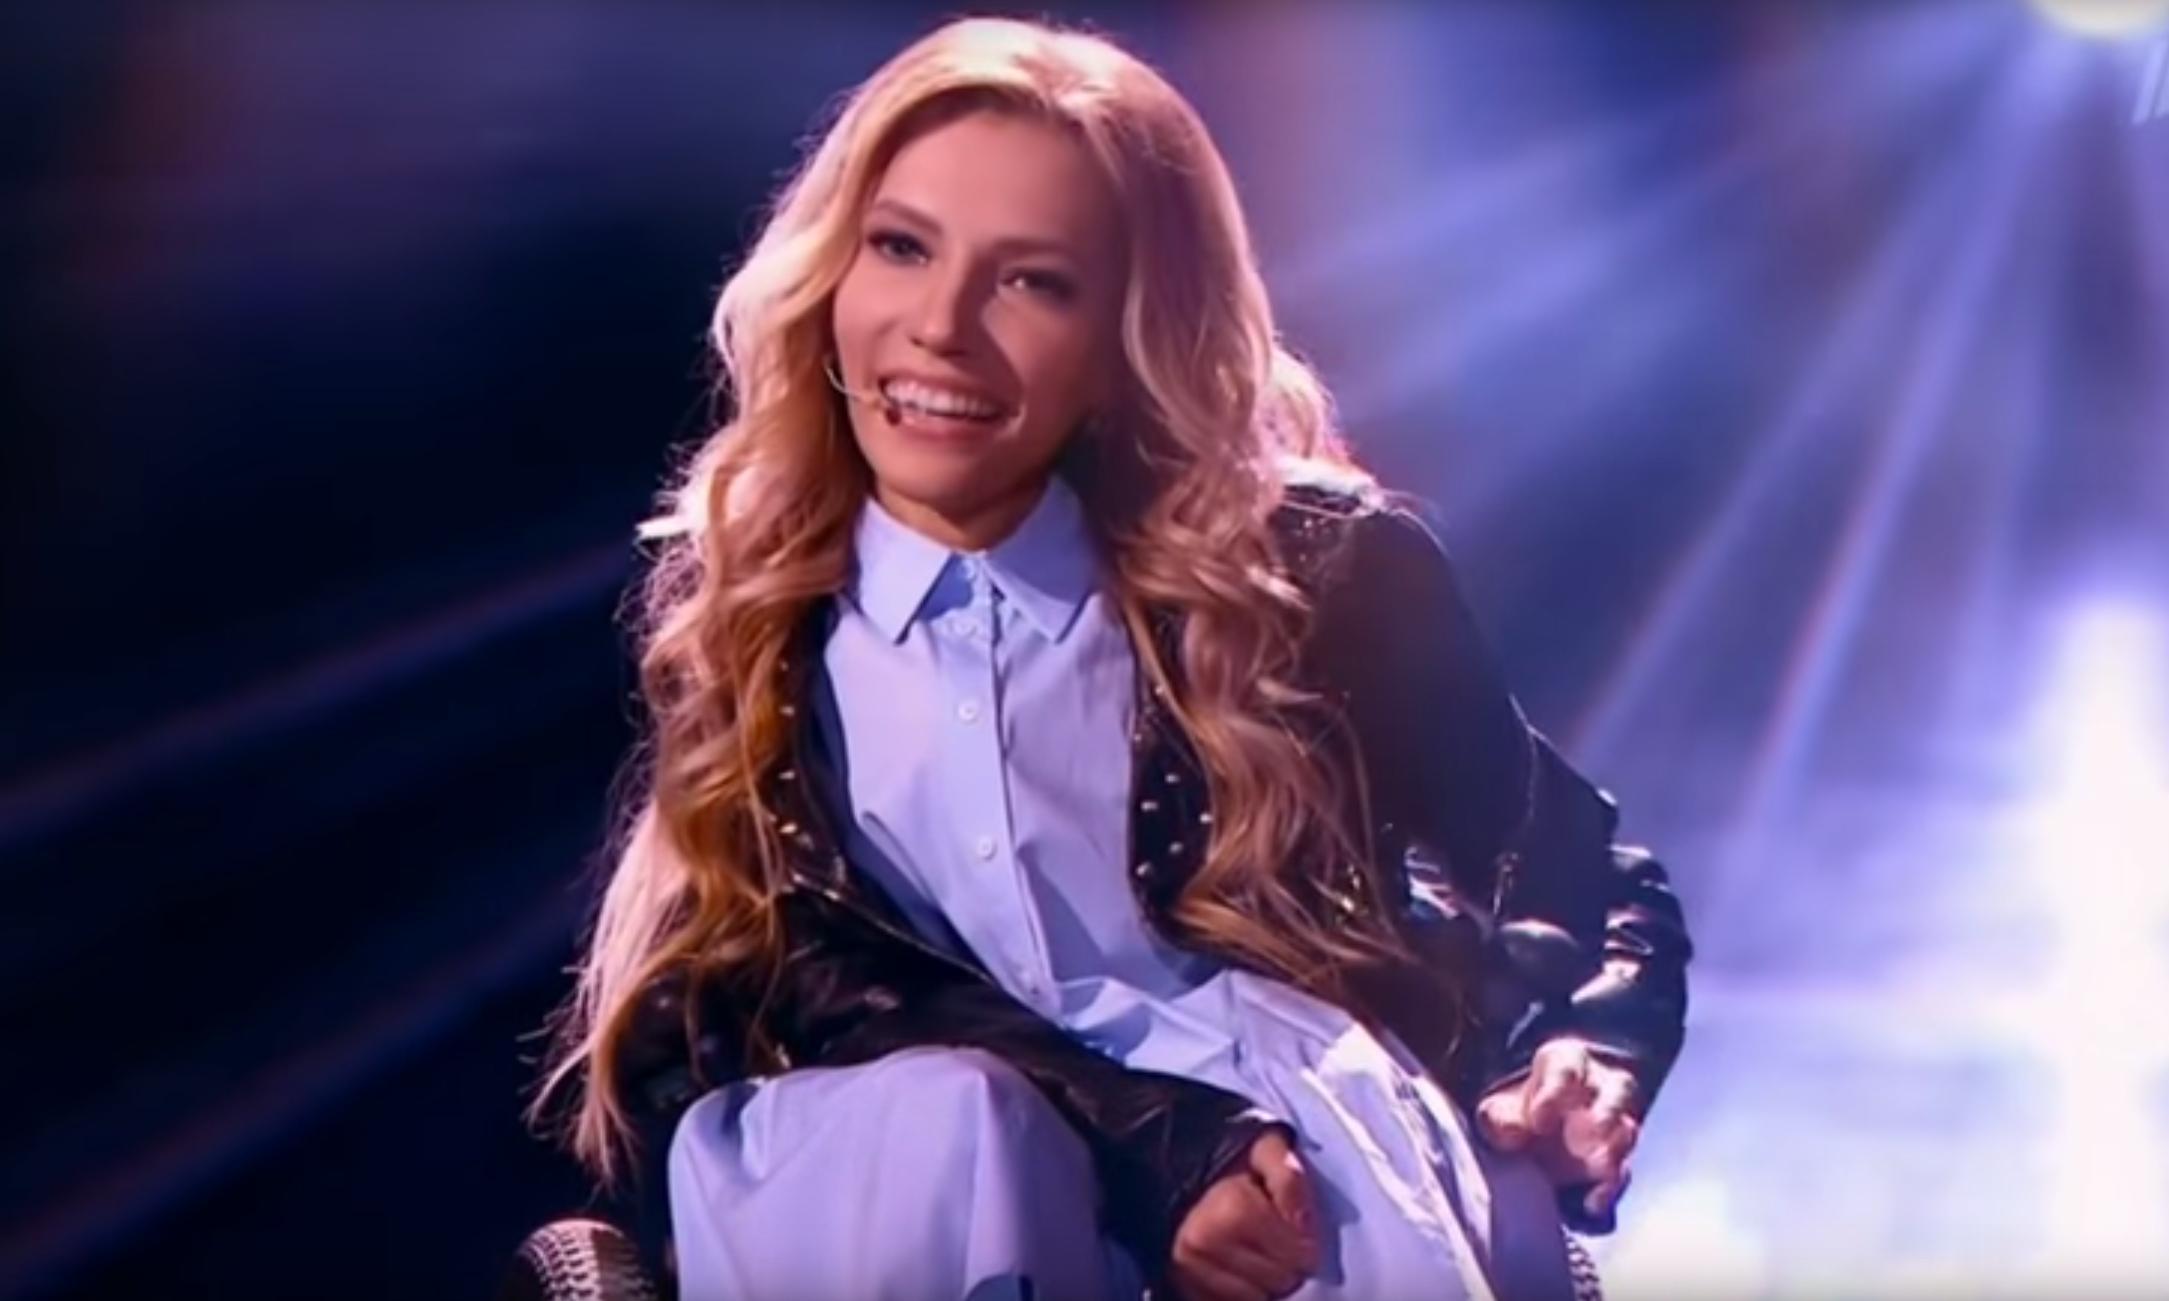 Cantora russa da Eurovisão proibida de entrar na Ucrânia